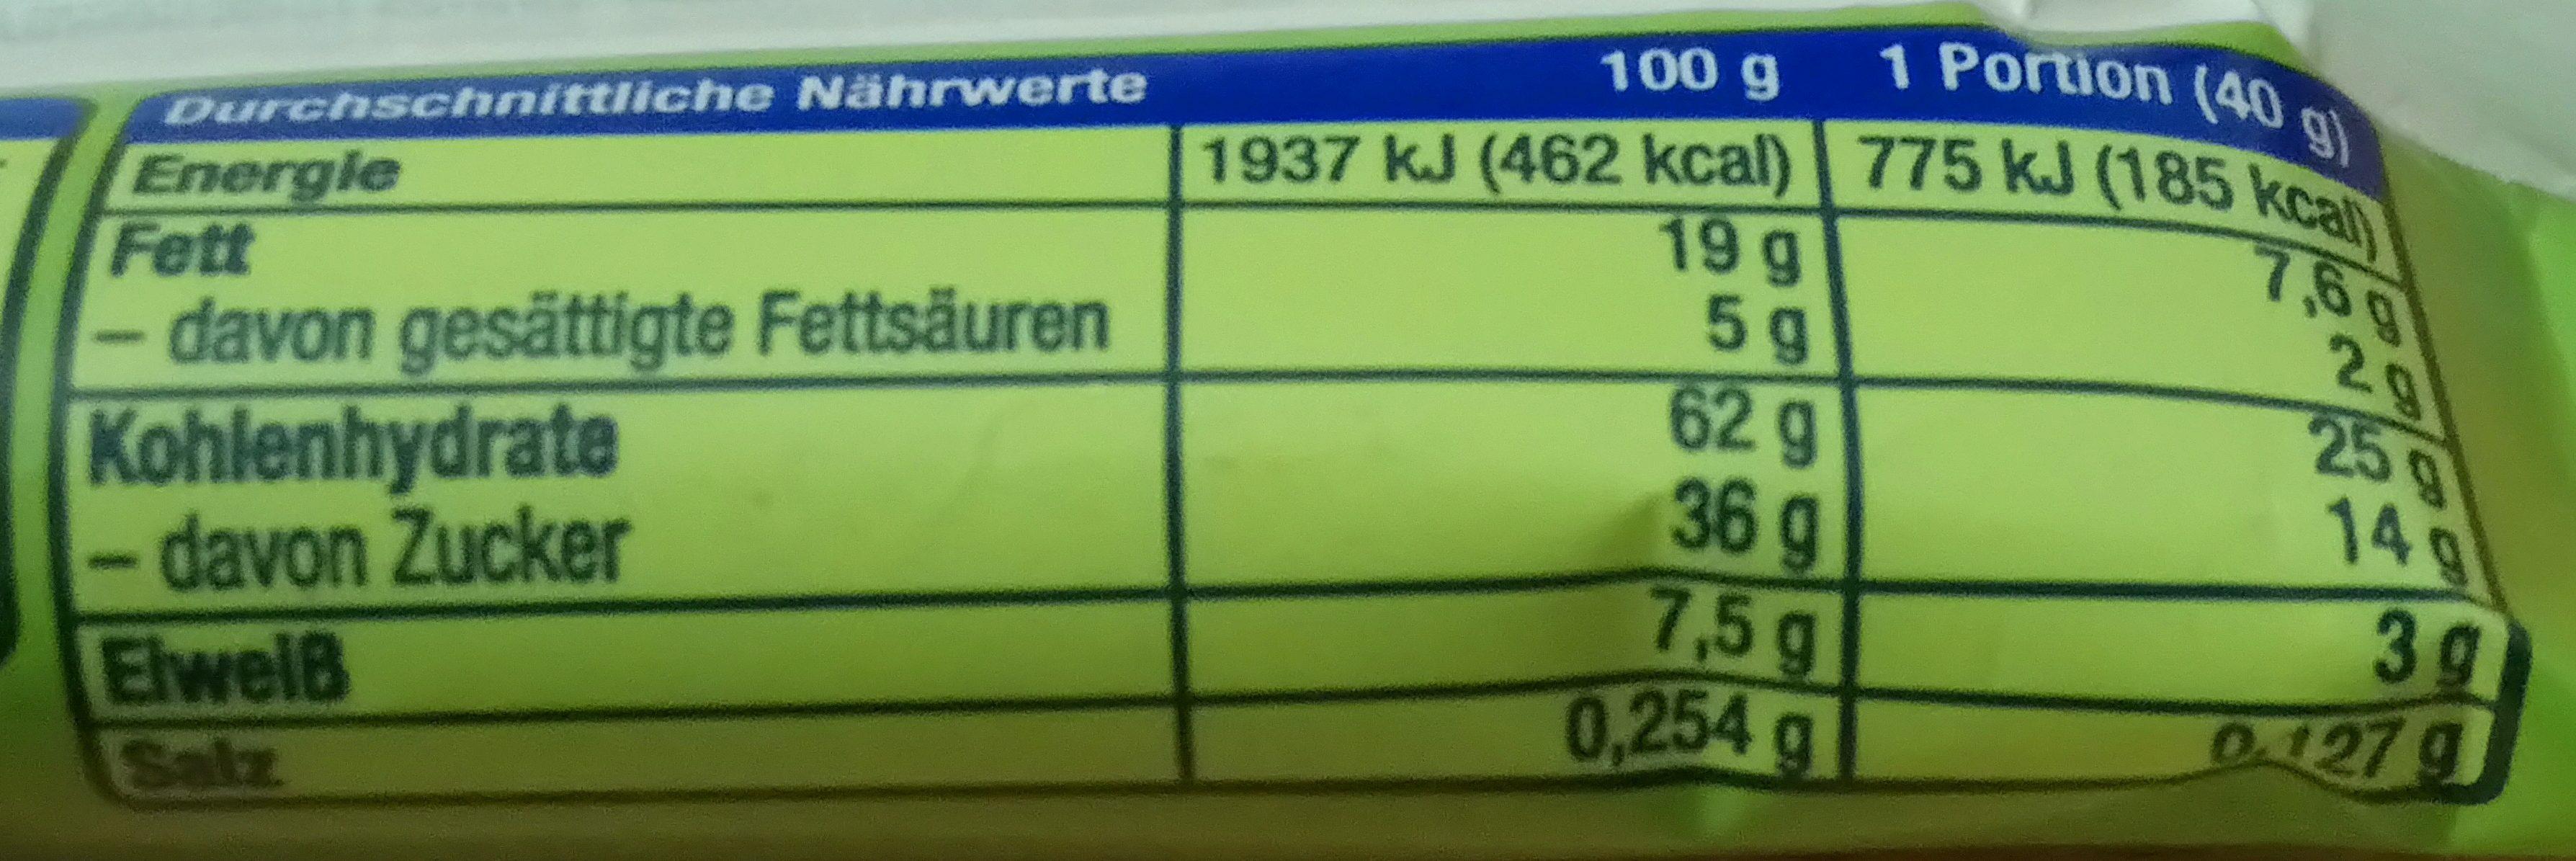 Nuss-Frucht-Riegel Erdnuss & Cranberry - Nutrition facts